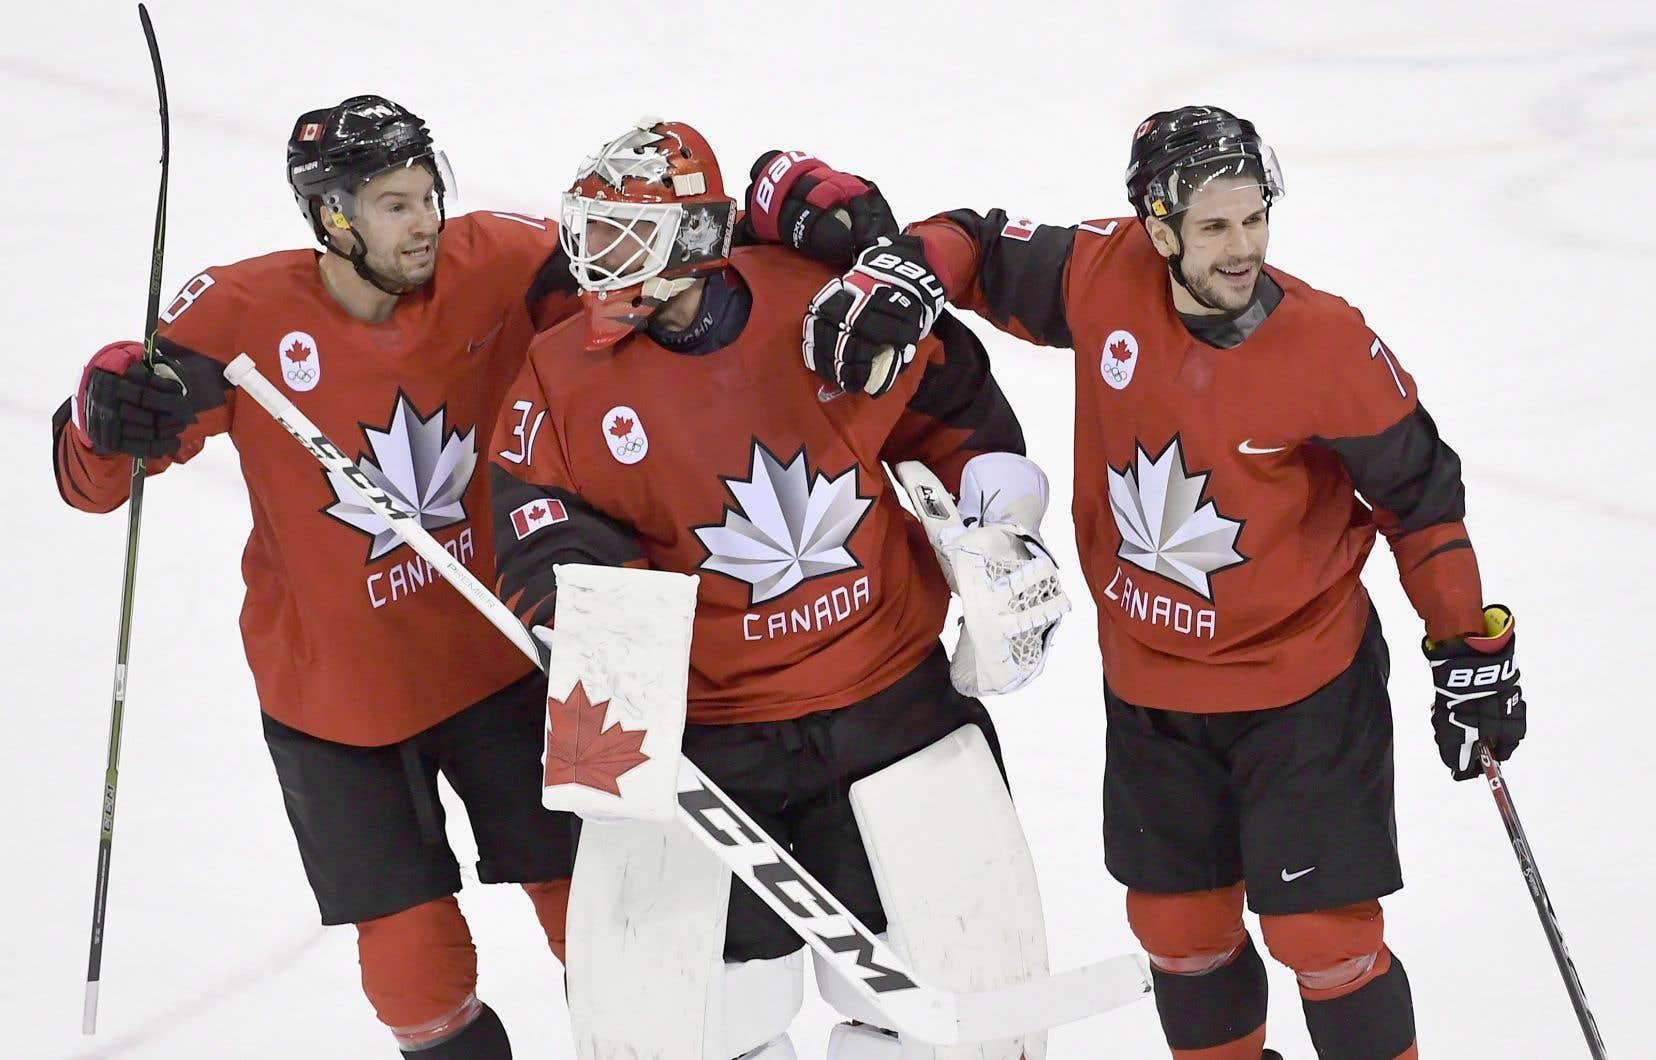 Marc-Andre Gragnani, Kevin Poulin et René Bourque célèbrent la victoire du Canada sur la Finlande. Hockey Canada aurait demandé que les noms de certains joueurs soient prononcés avec un accent anglophone.